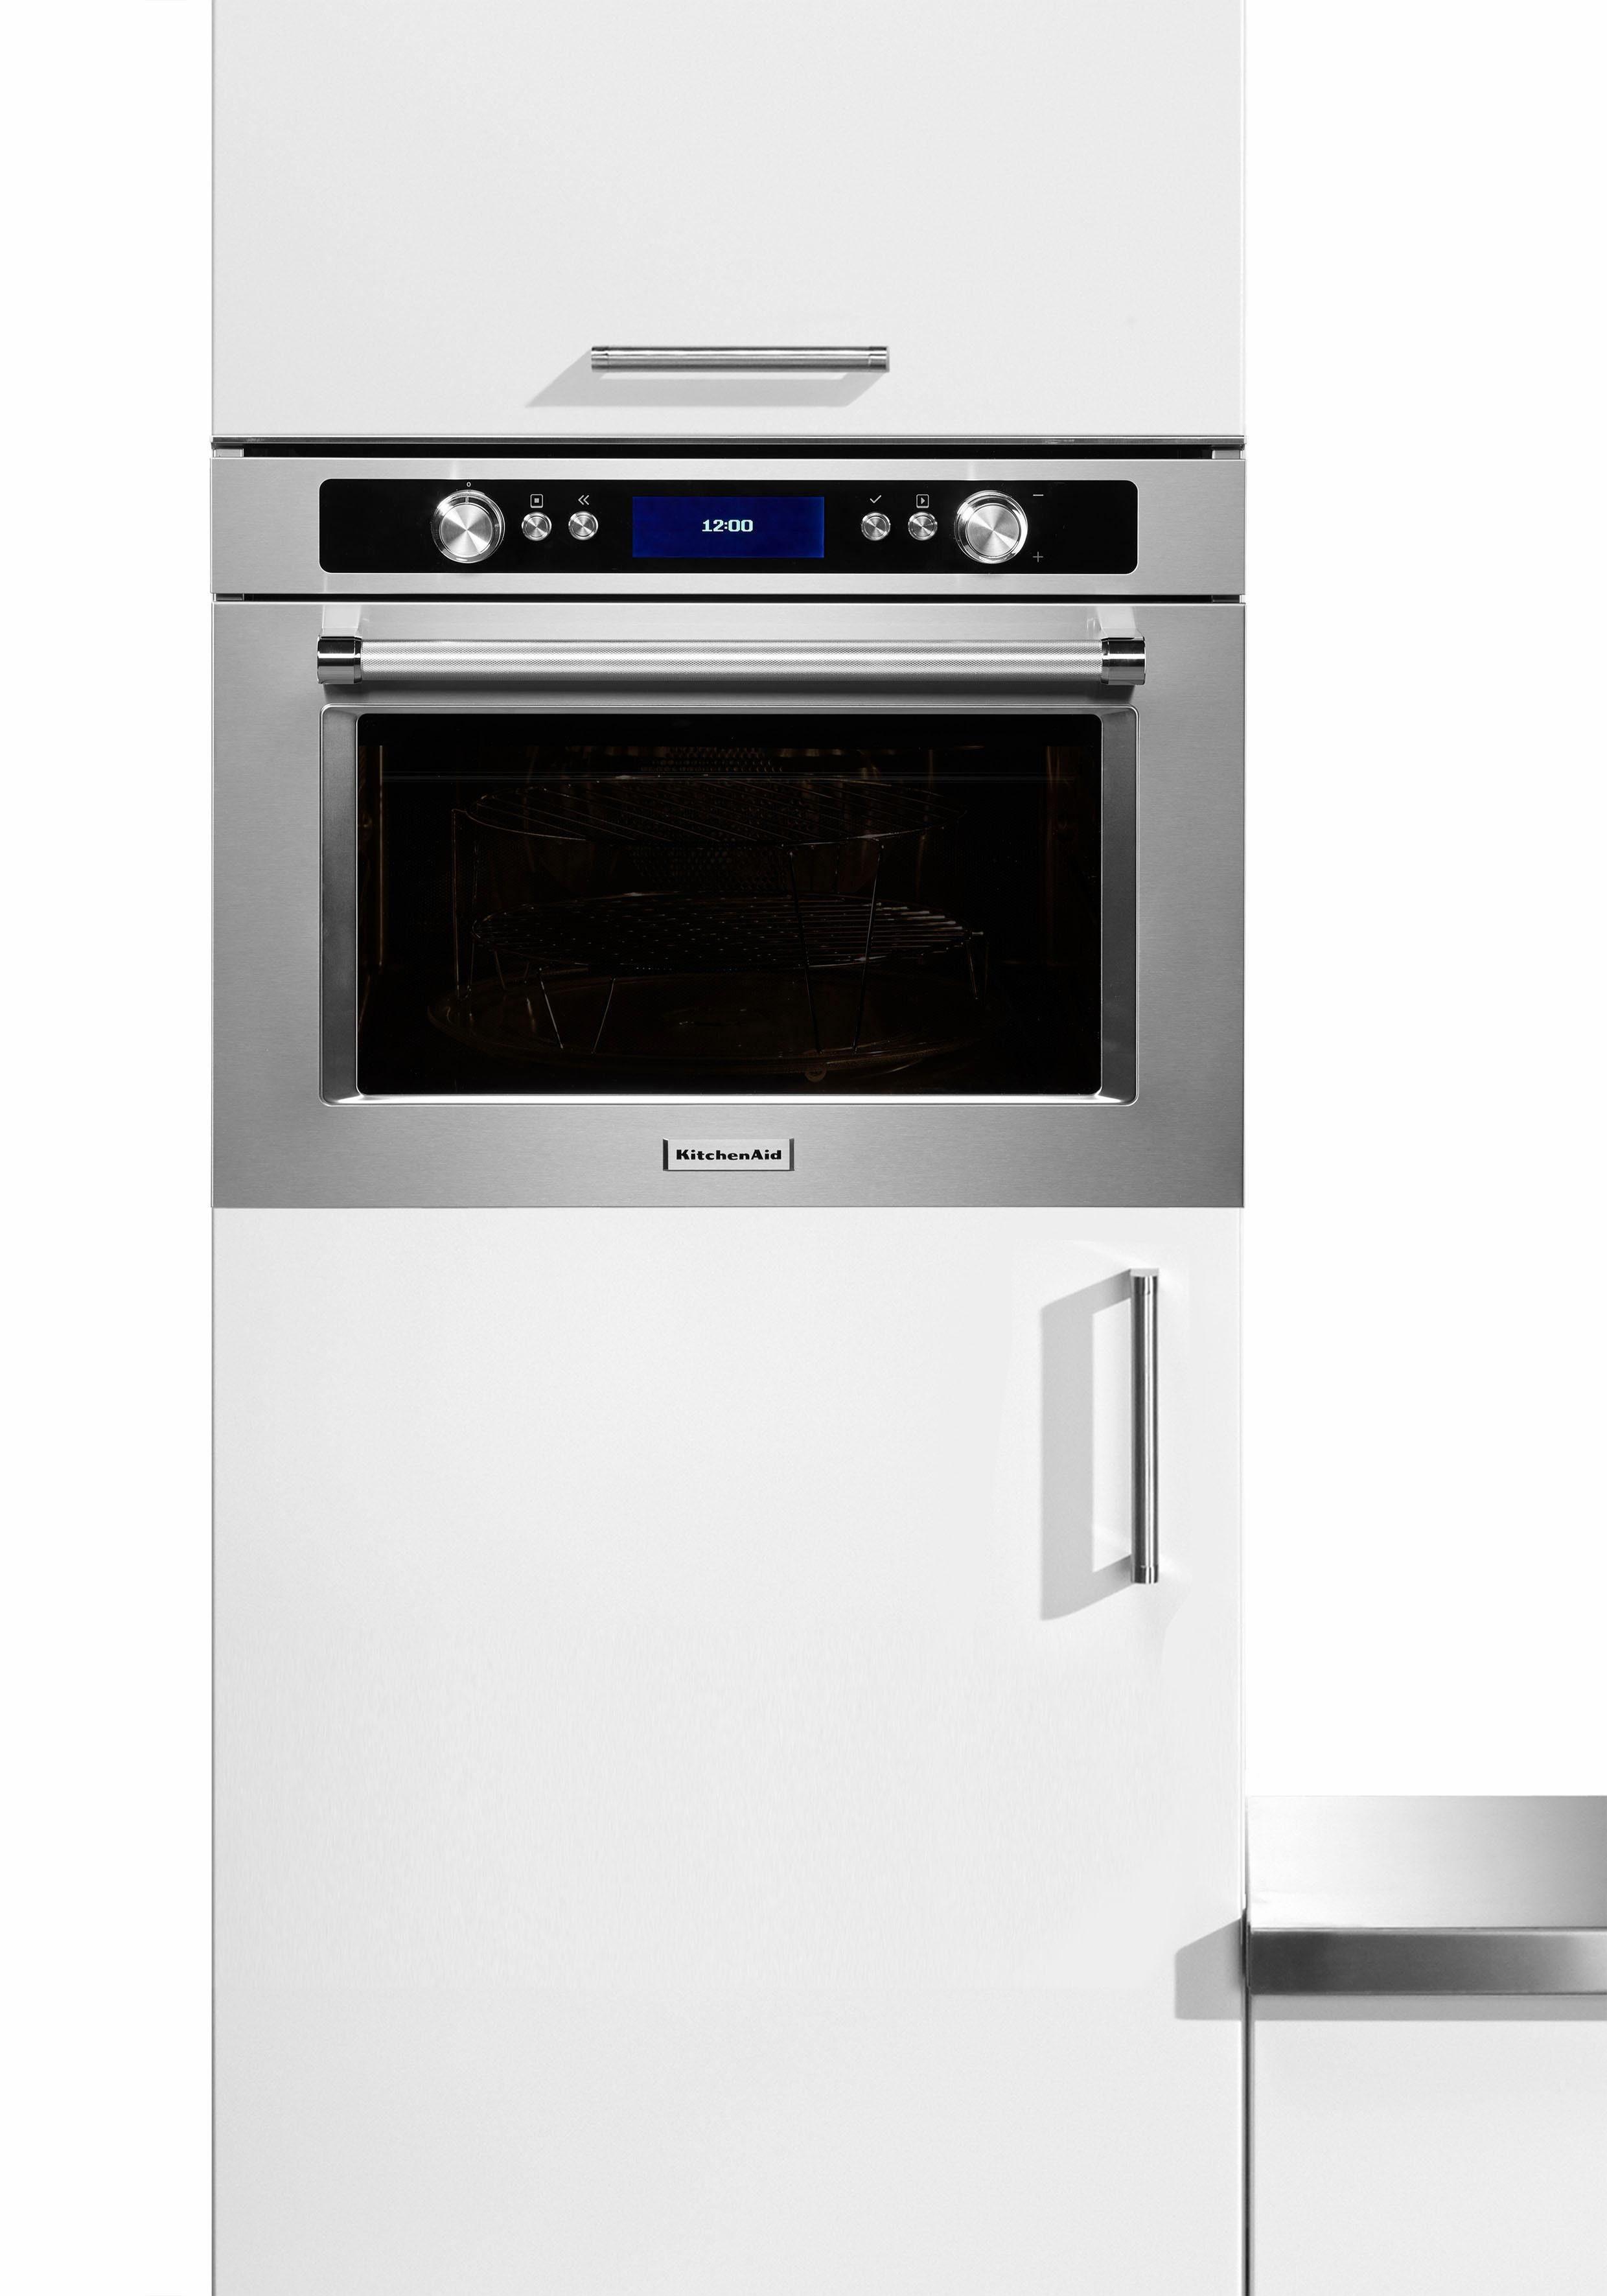 KitchenAid® Einbaumikrowelle KMQCX 45600, mit Backofenfunktion, 40 Liter, 900 Watt